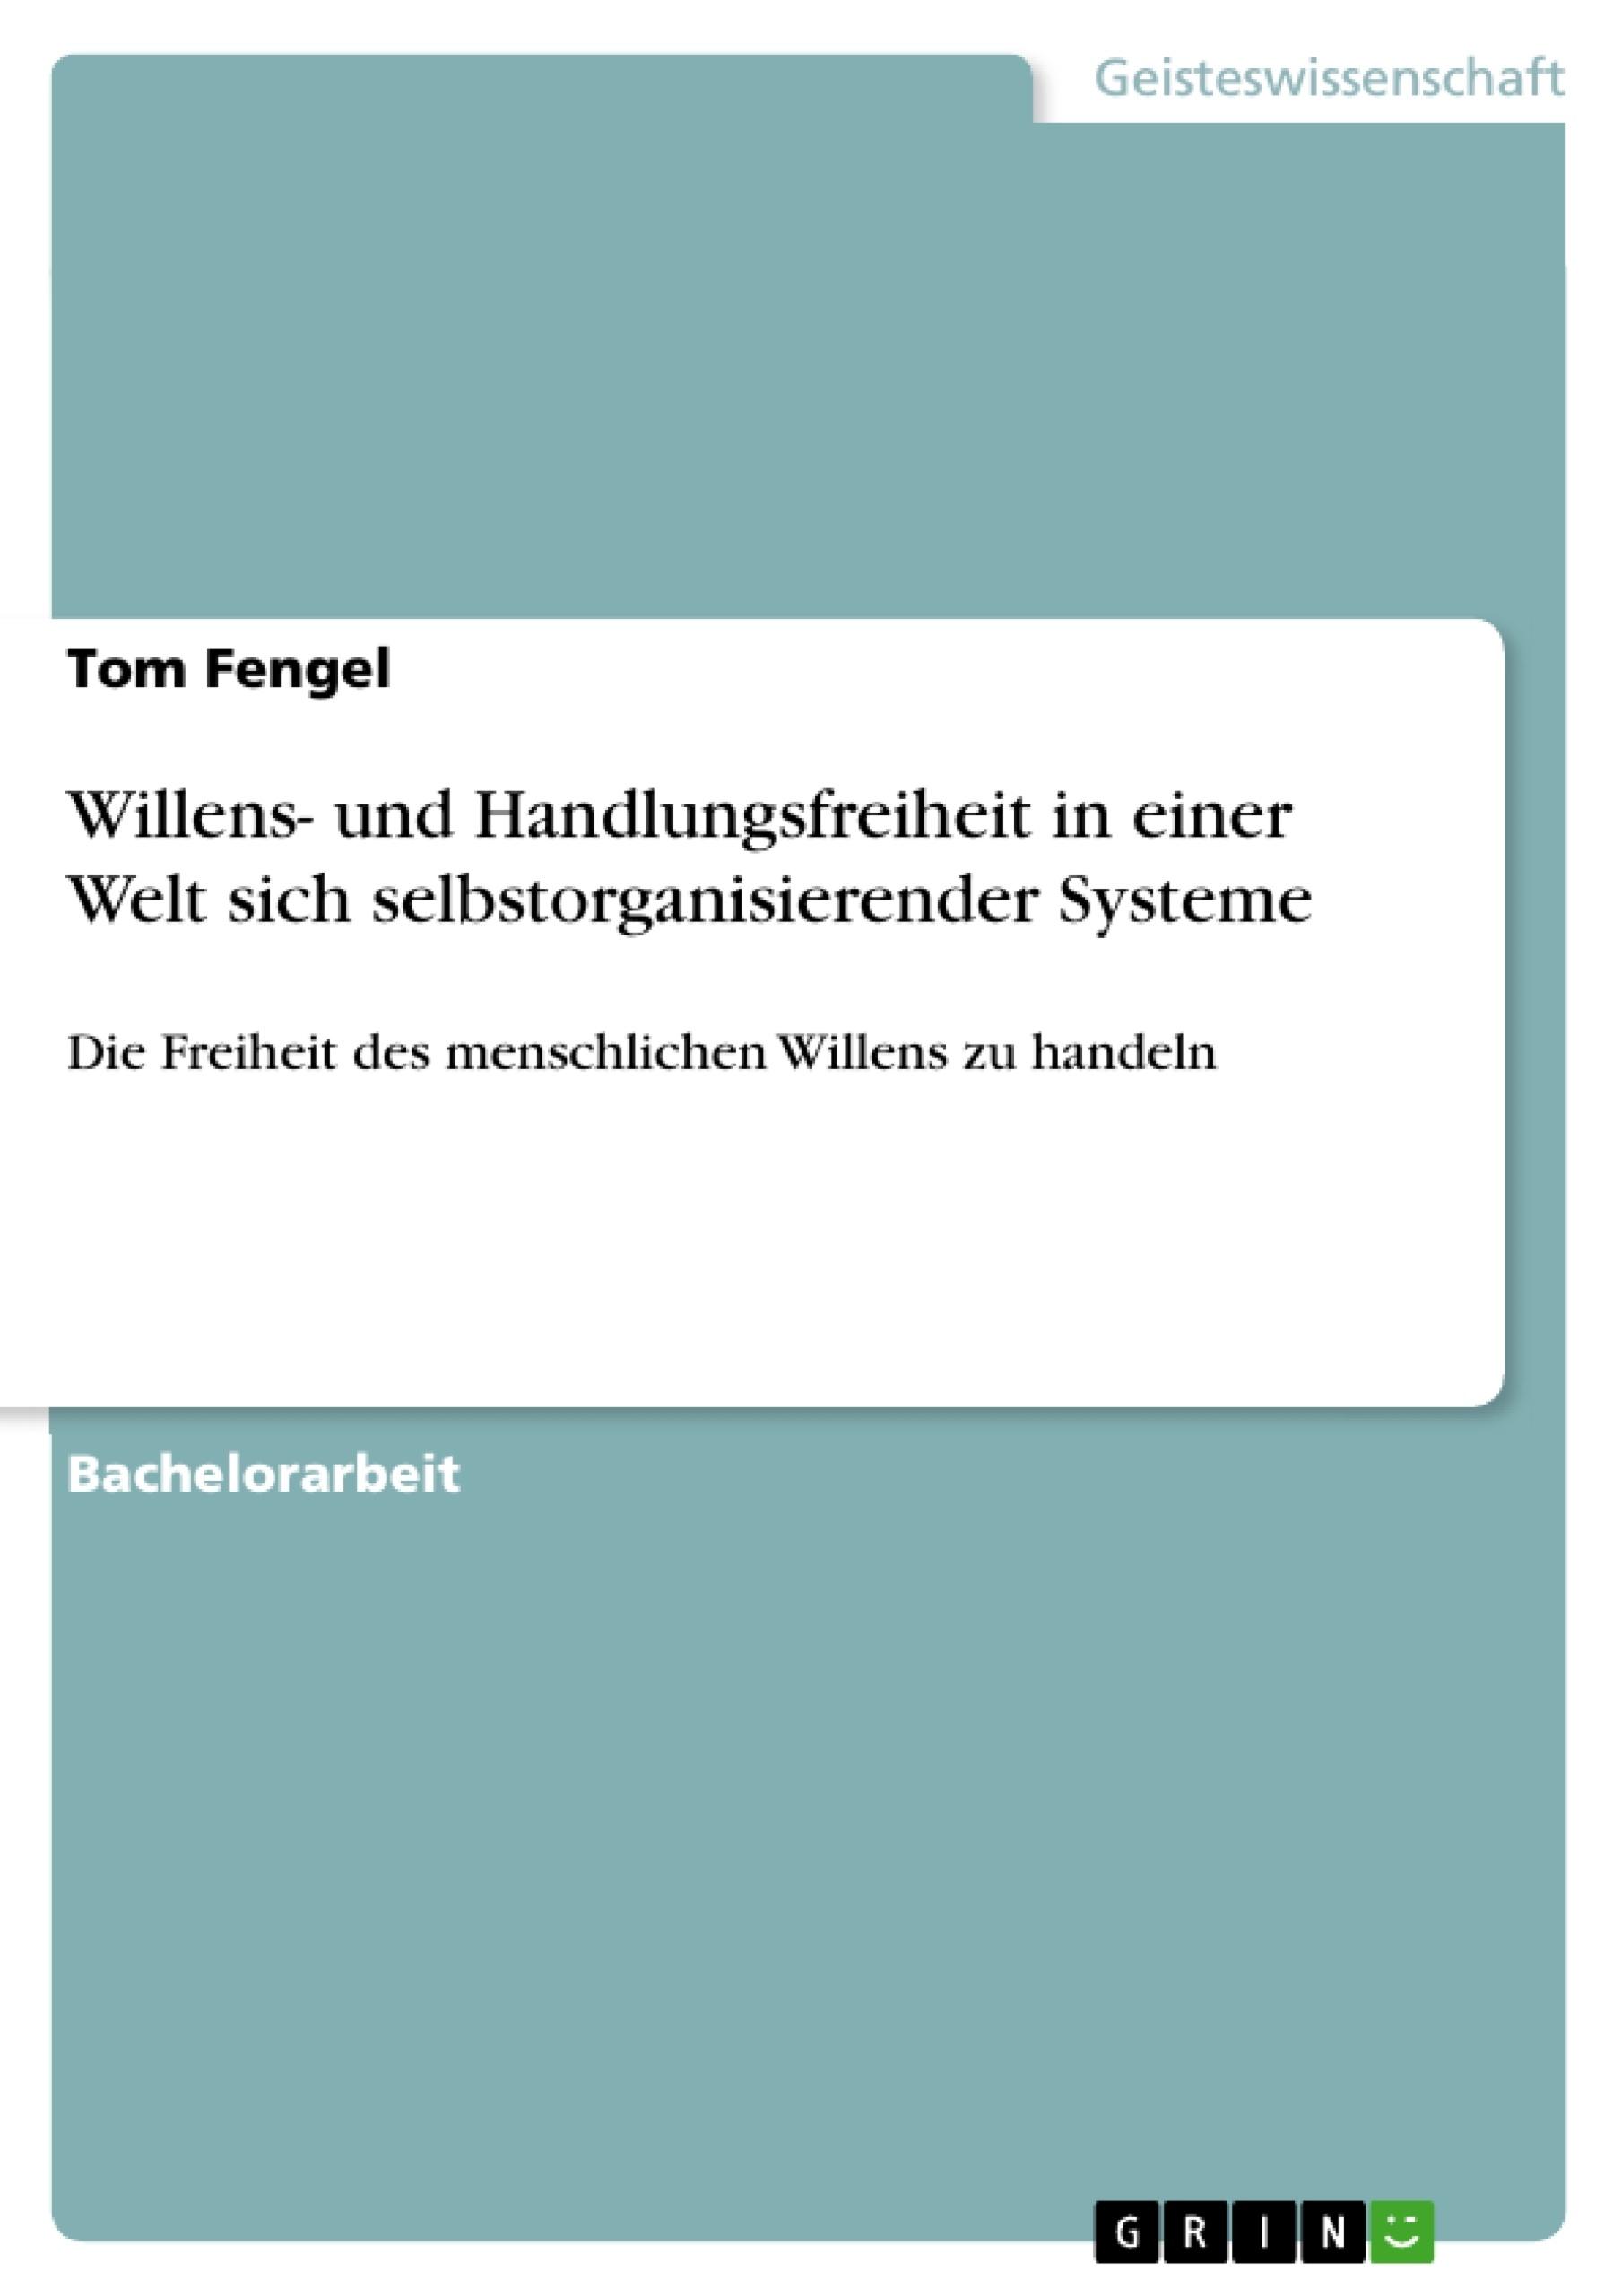 Titel: Willens- und Handlungsfreiheit in einer Welt sich selbstorganisierender Systeme